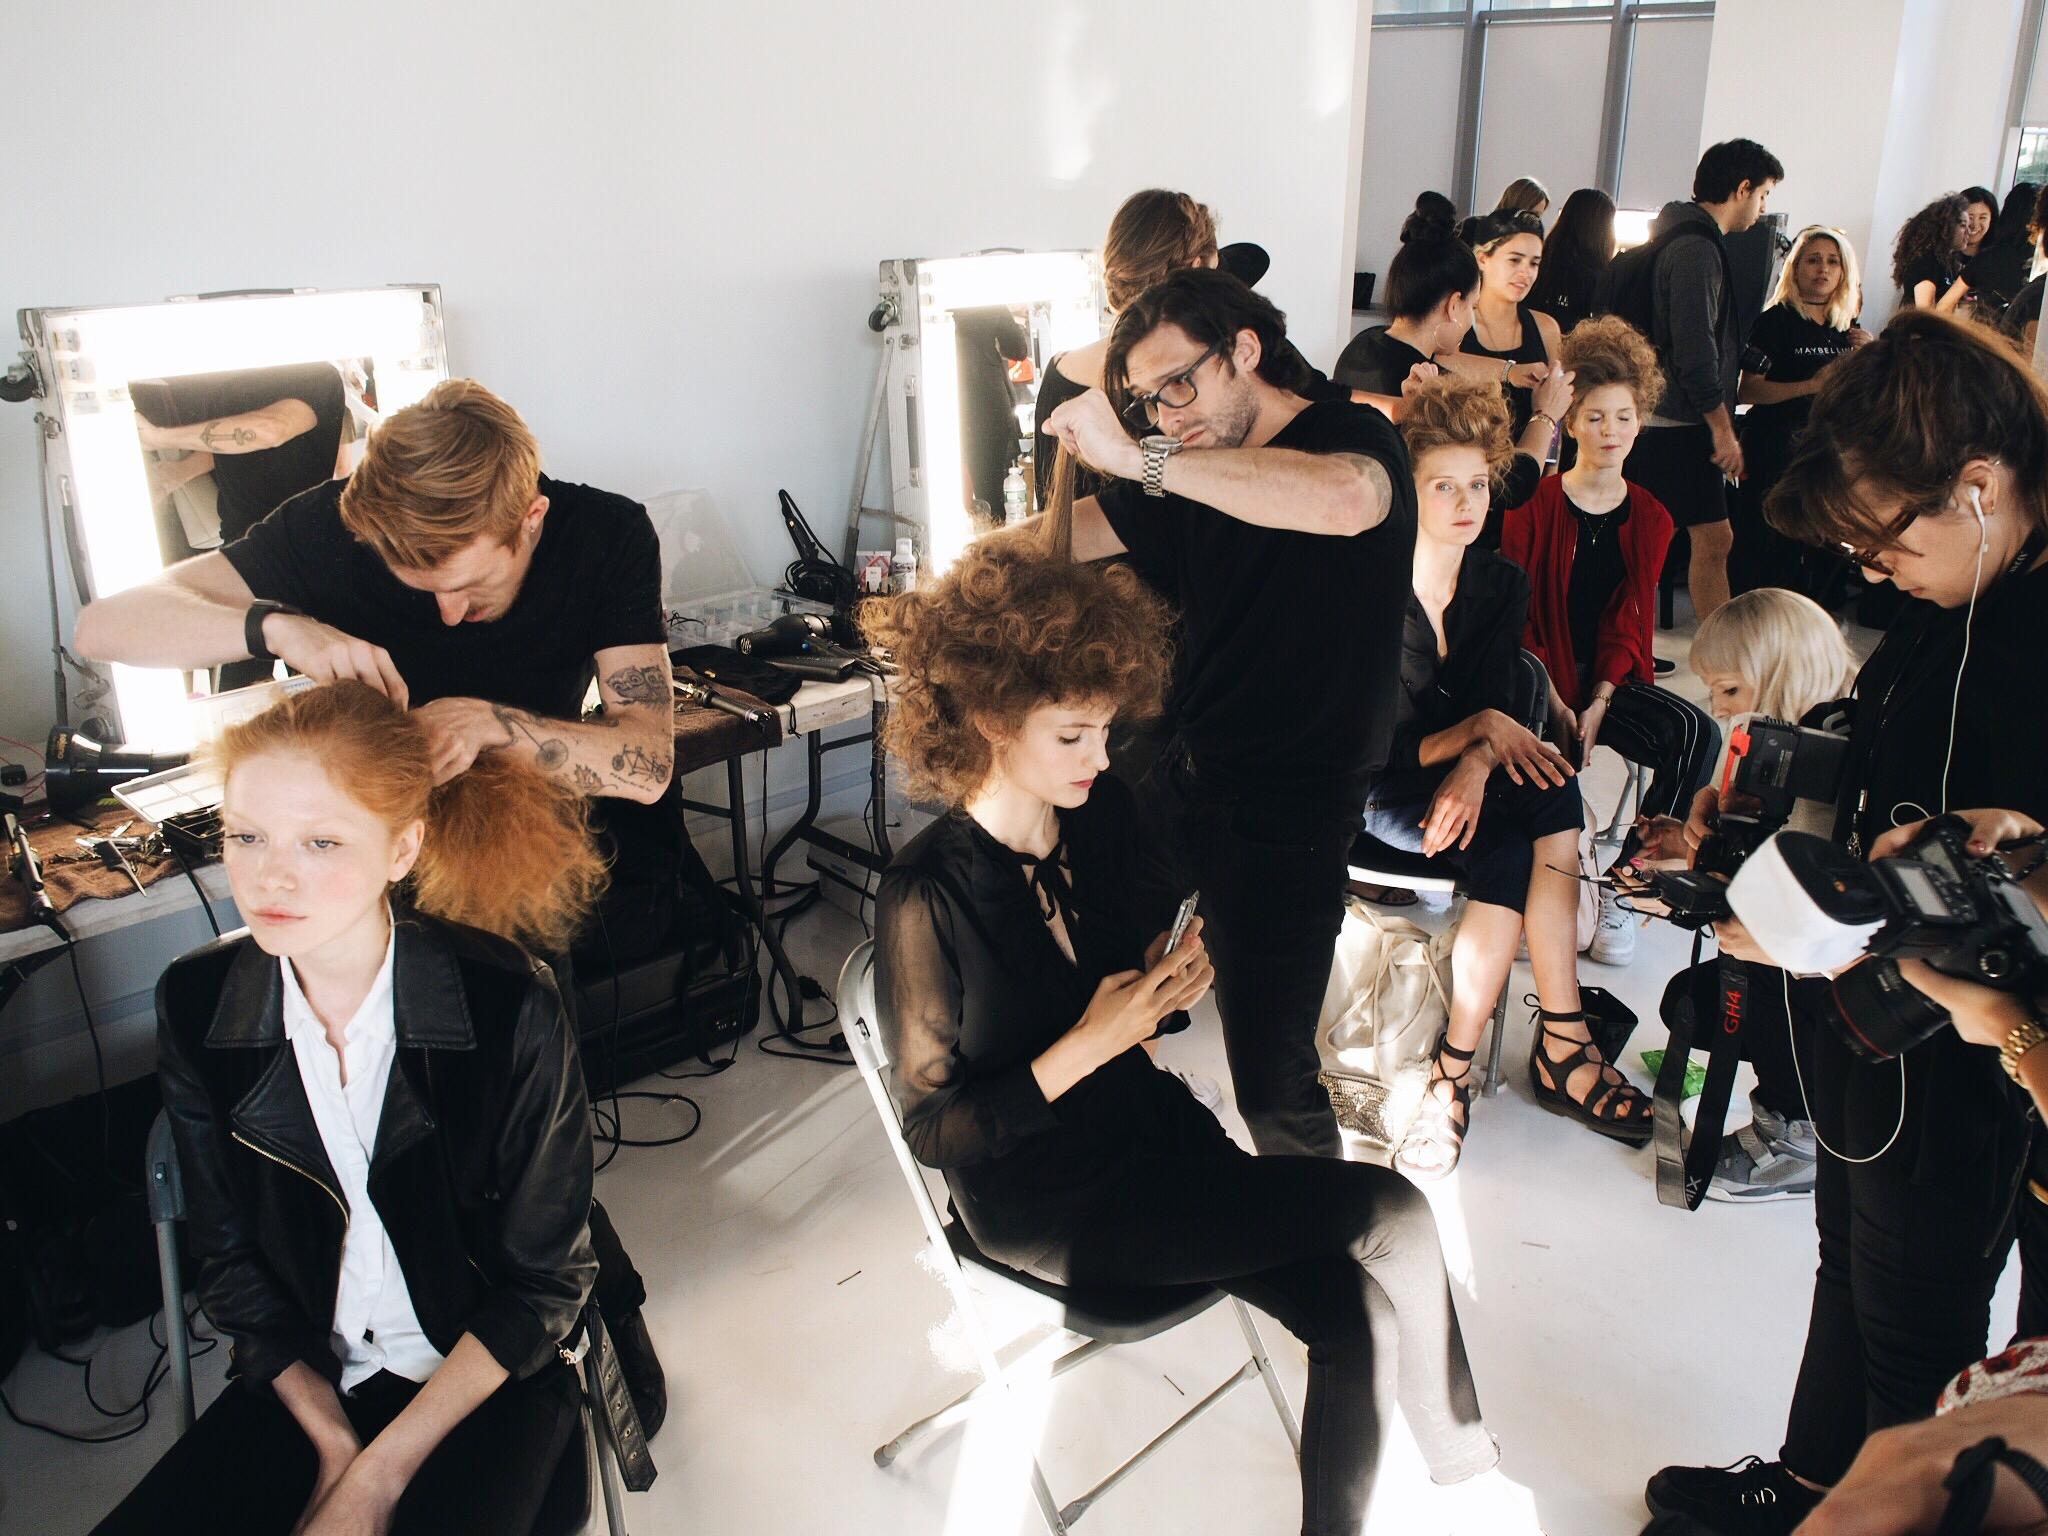 NYFW New York Fashion Week Day Three Recap OOTD Reem Acra R&Co. Backstage Taylr Anne www.taylranne.com